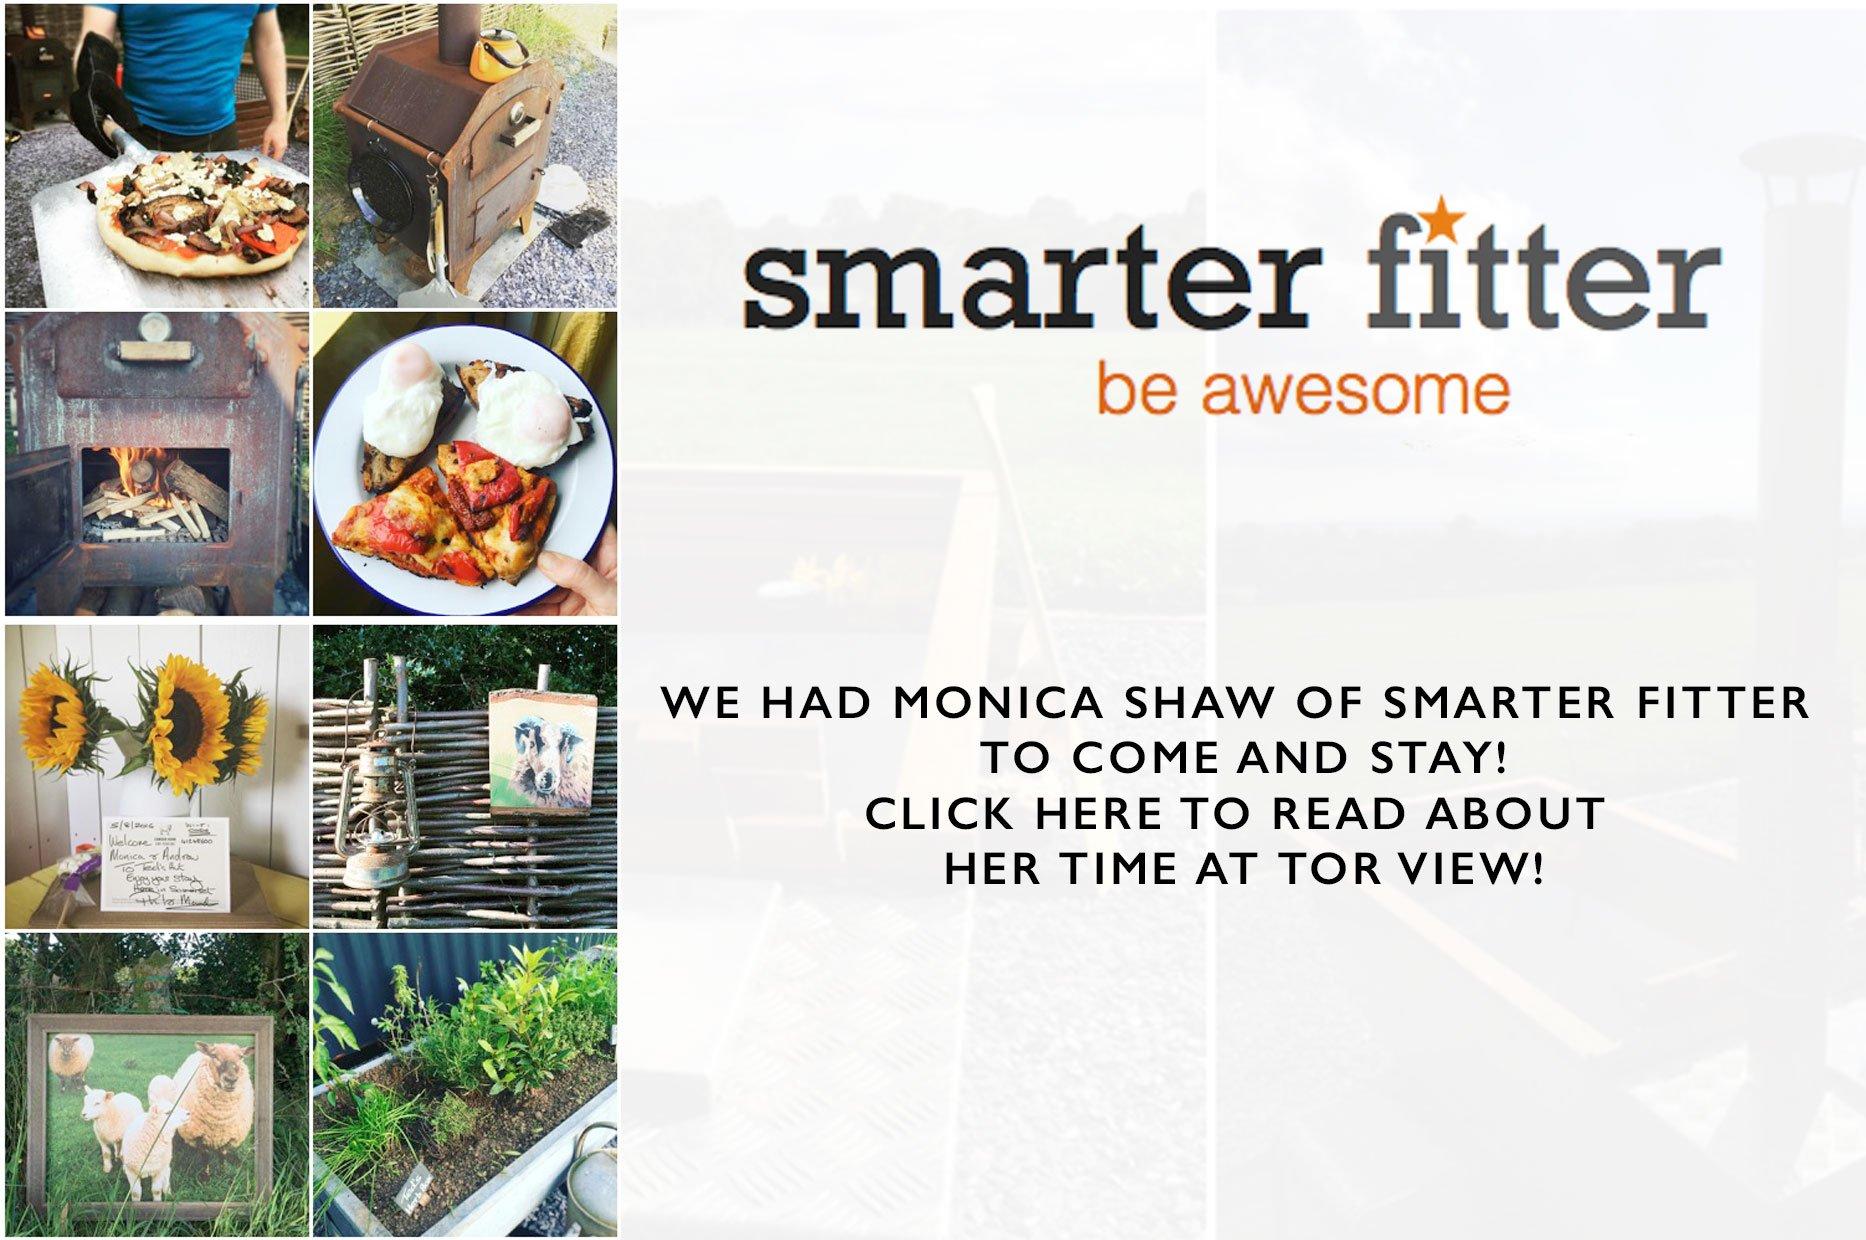 smarterfitter